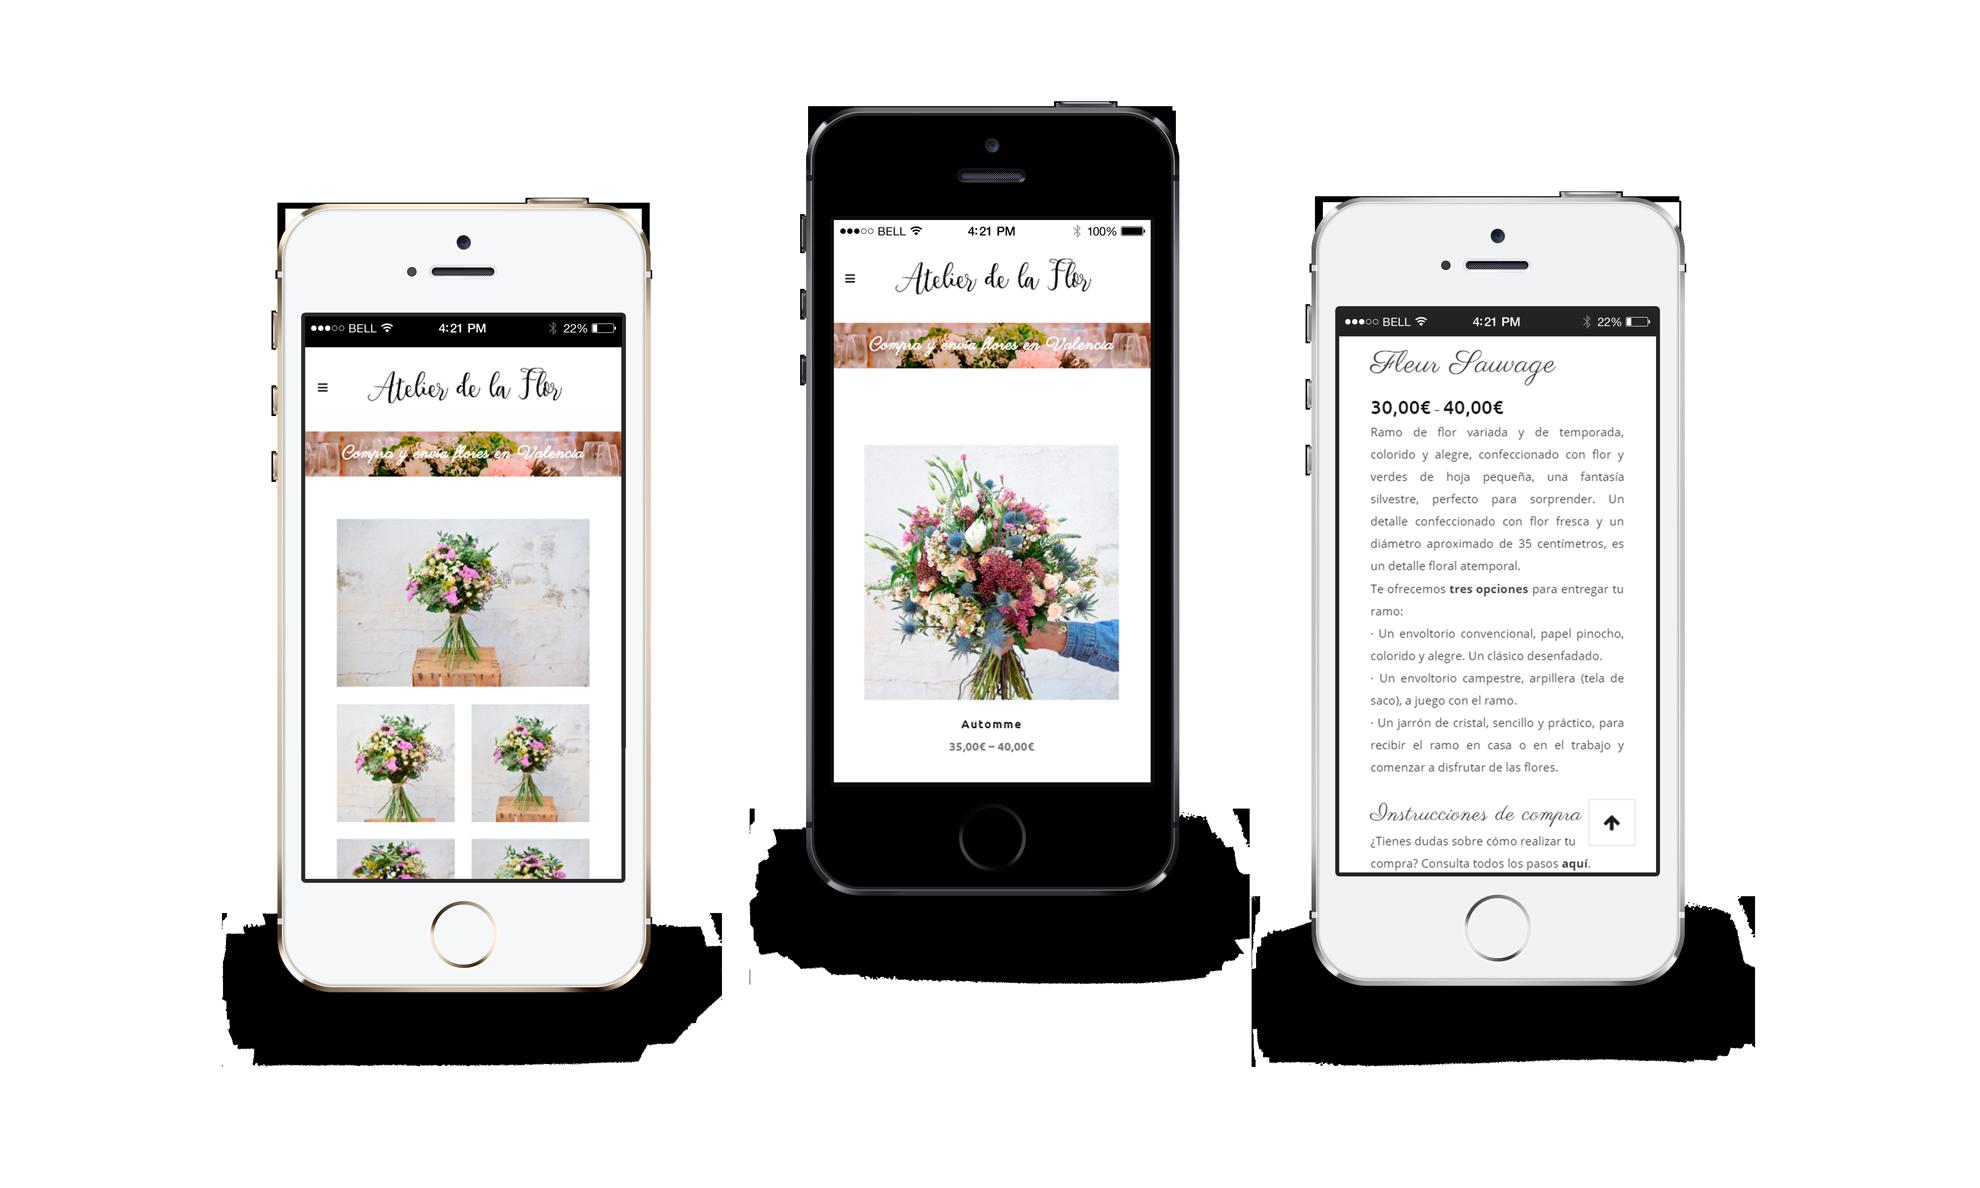 tienda online • Atelier de la flor